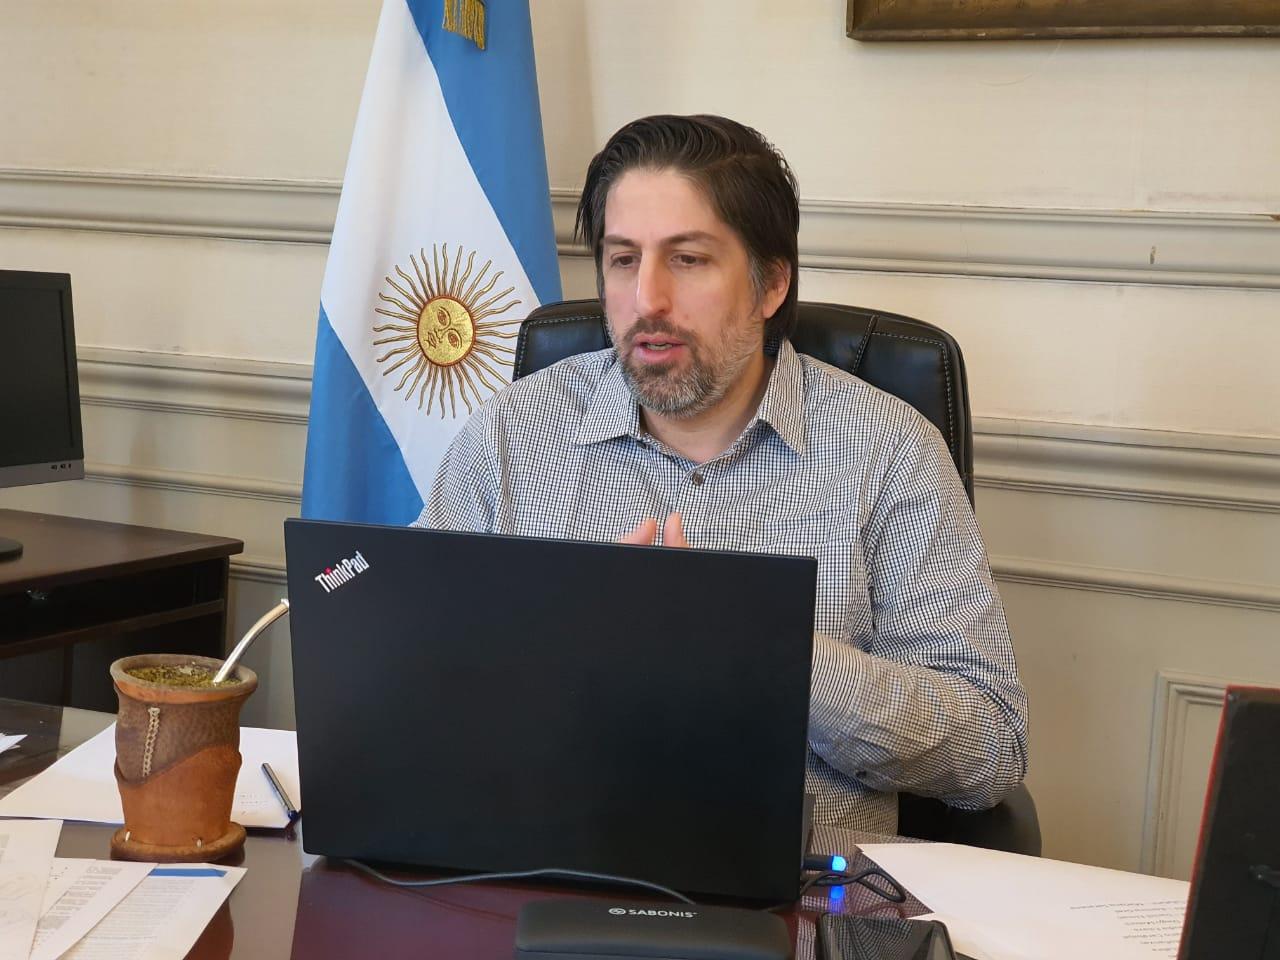 Días atrás, Trotta había dialogado con ministros de Educación del país para acordar un protocolo para la vuelta a clases. FOTO ARCHIVO